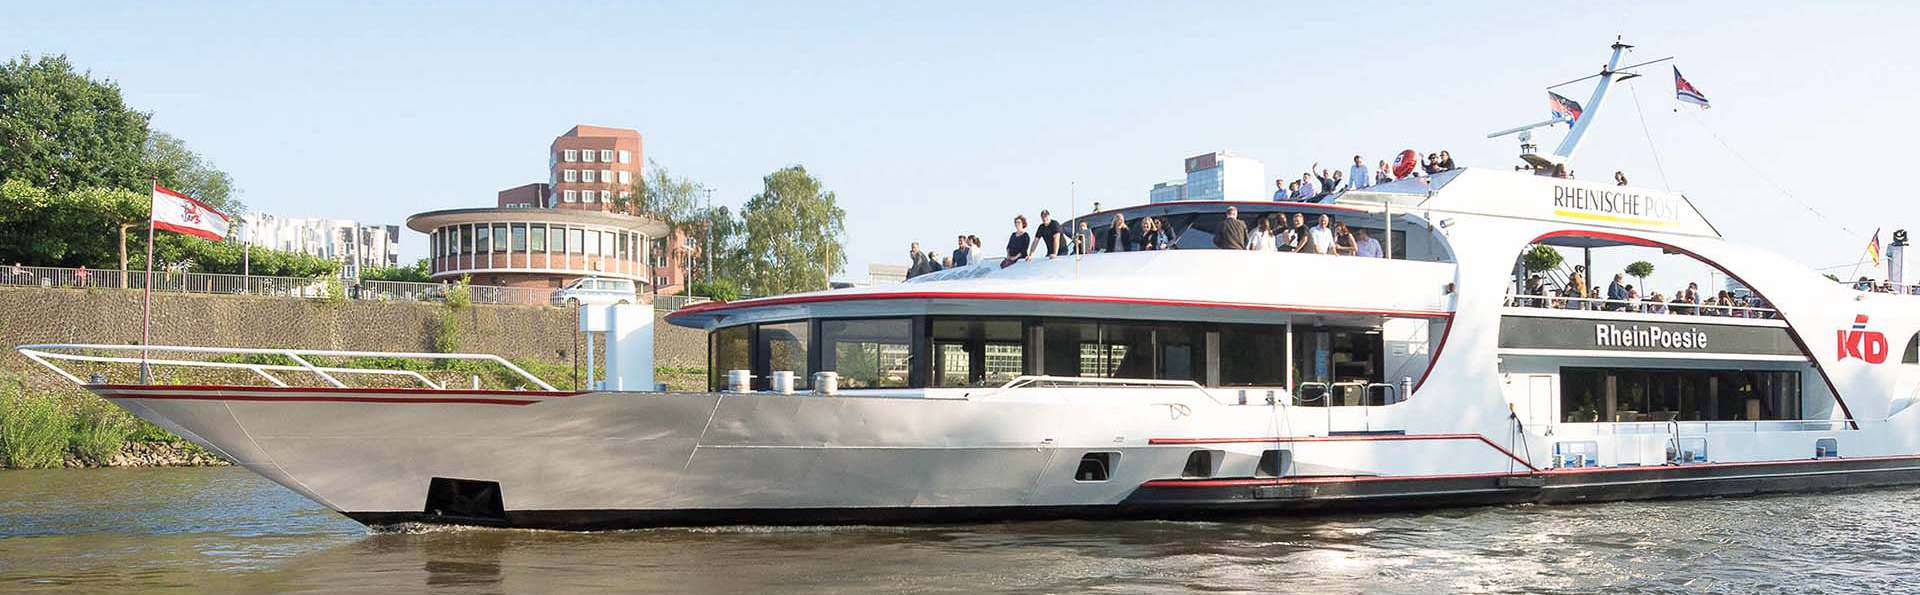 Profitez d'une balade en bateau en famille pour découvrir Düsseldorf